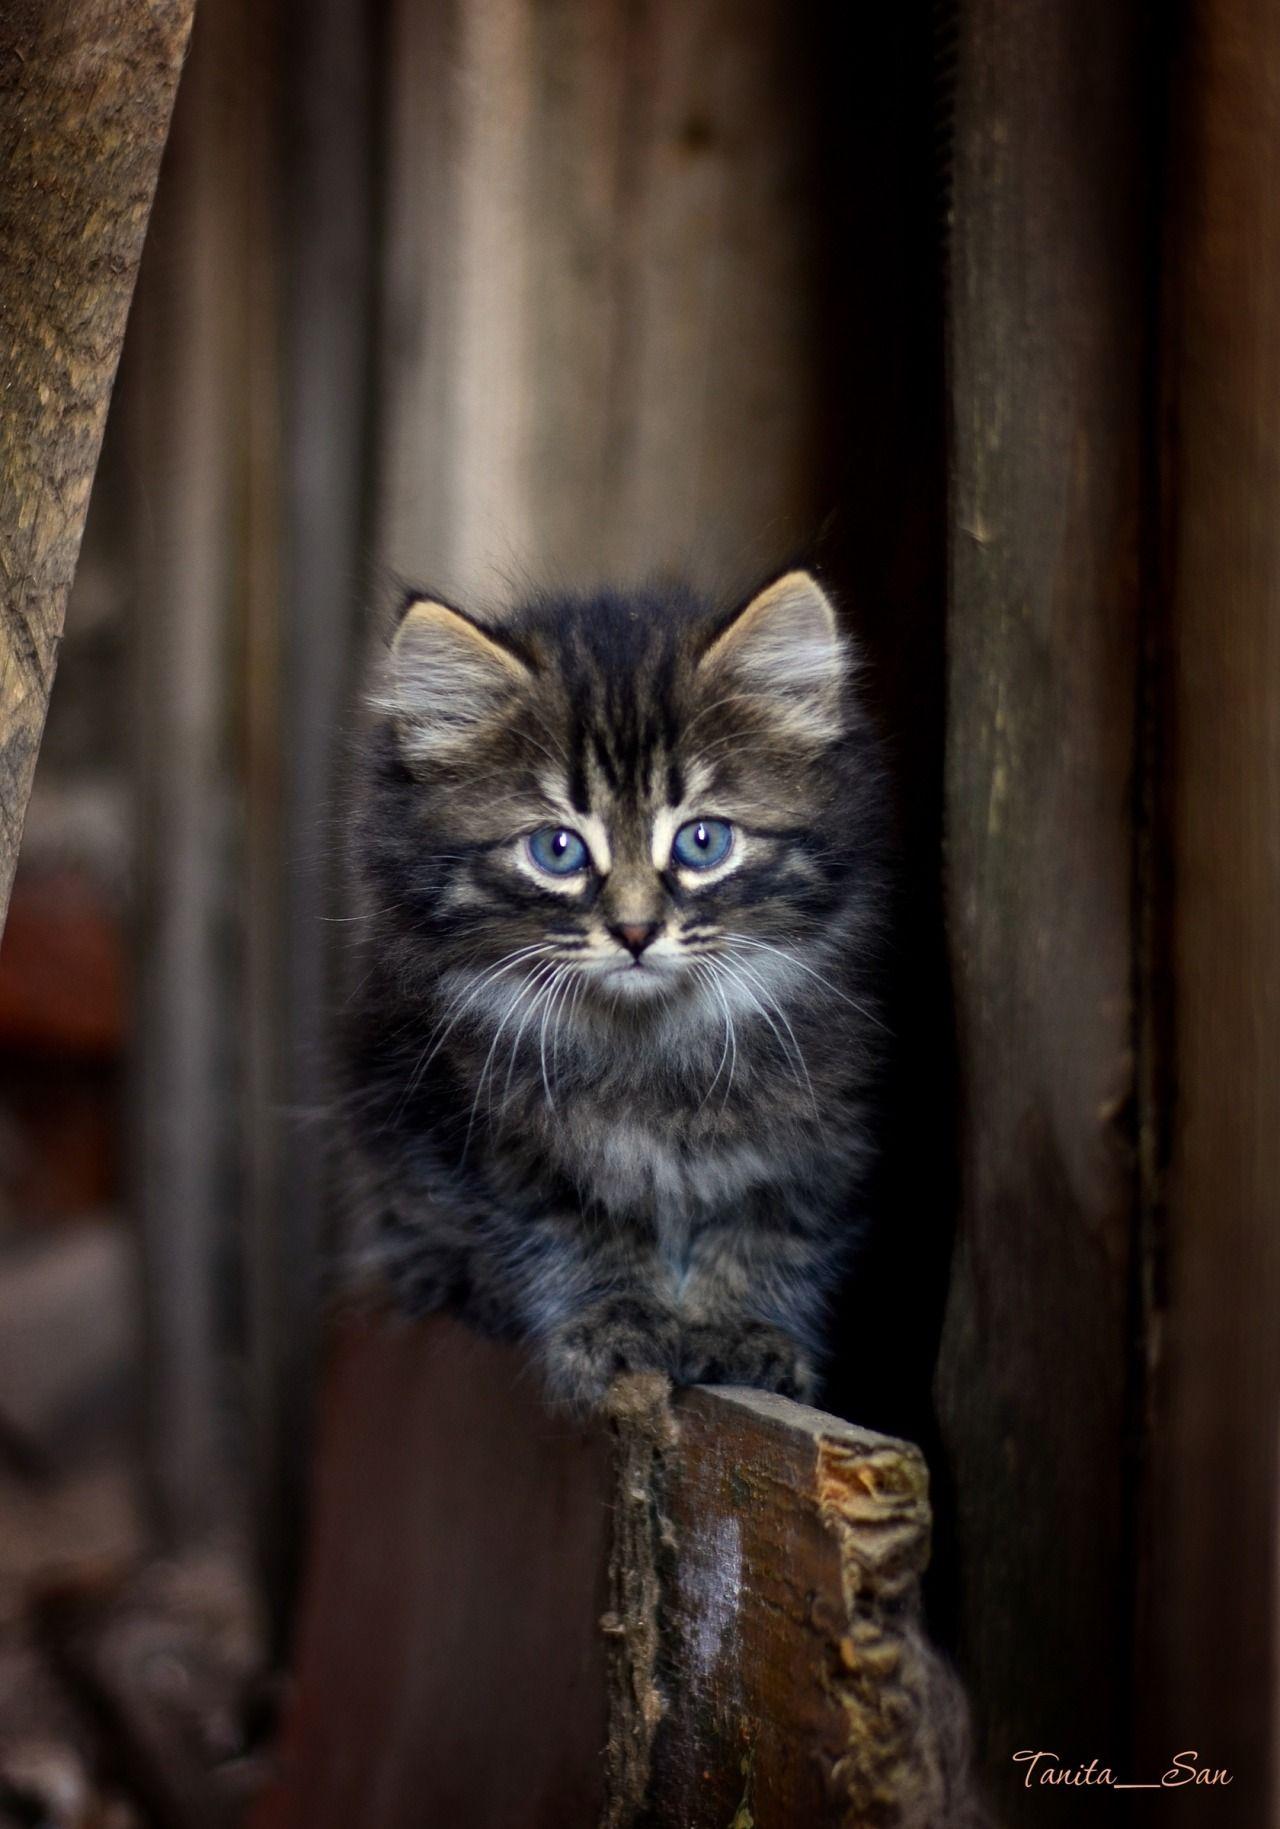 Adorable kitten Kittens Pinterest Adorable kittens Cat and Animal